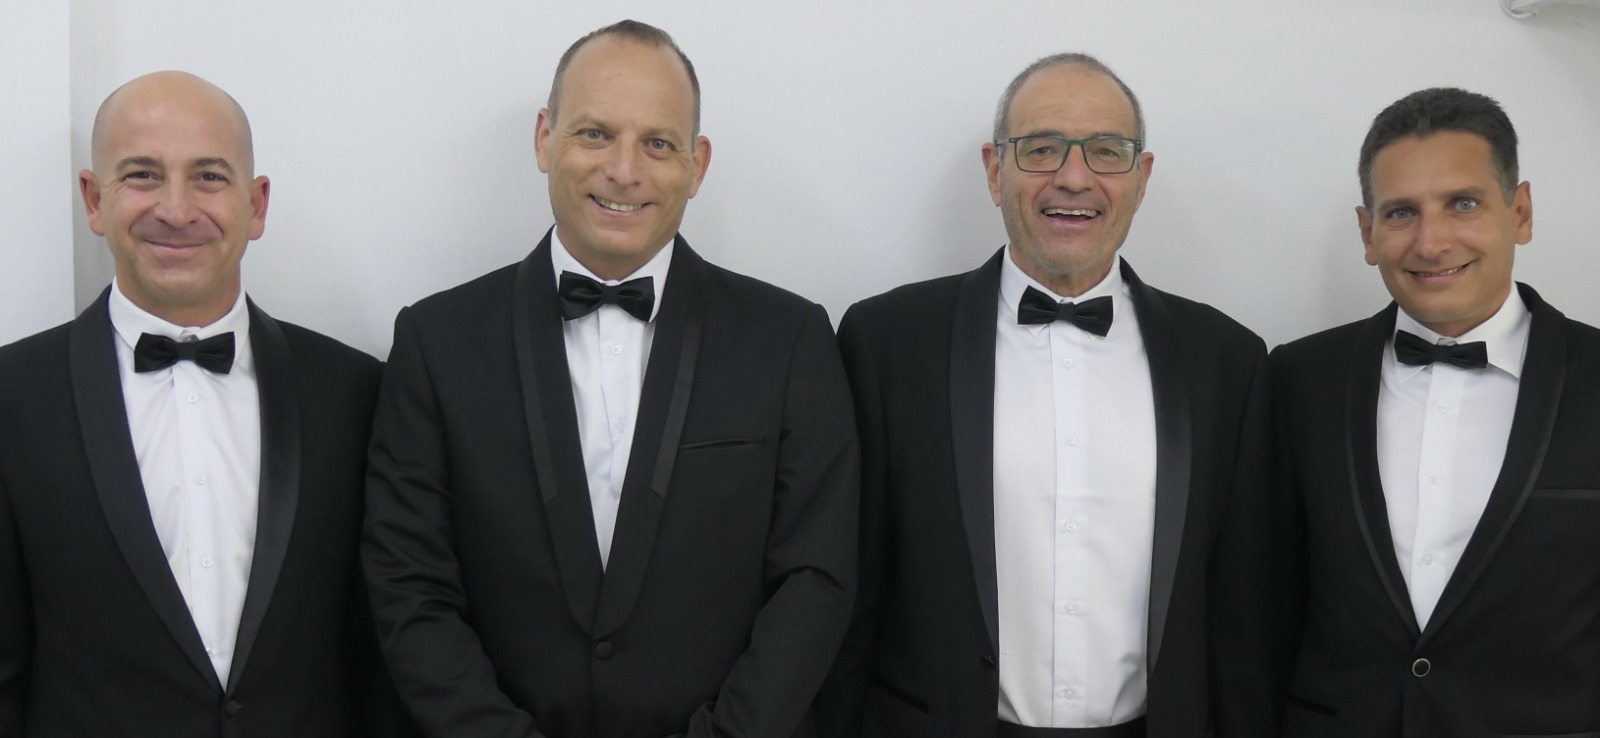 (Left to right): Guy Dorman, Dr Zvi Reznic, Prof. Meir Feder